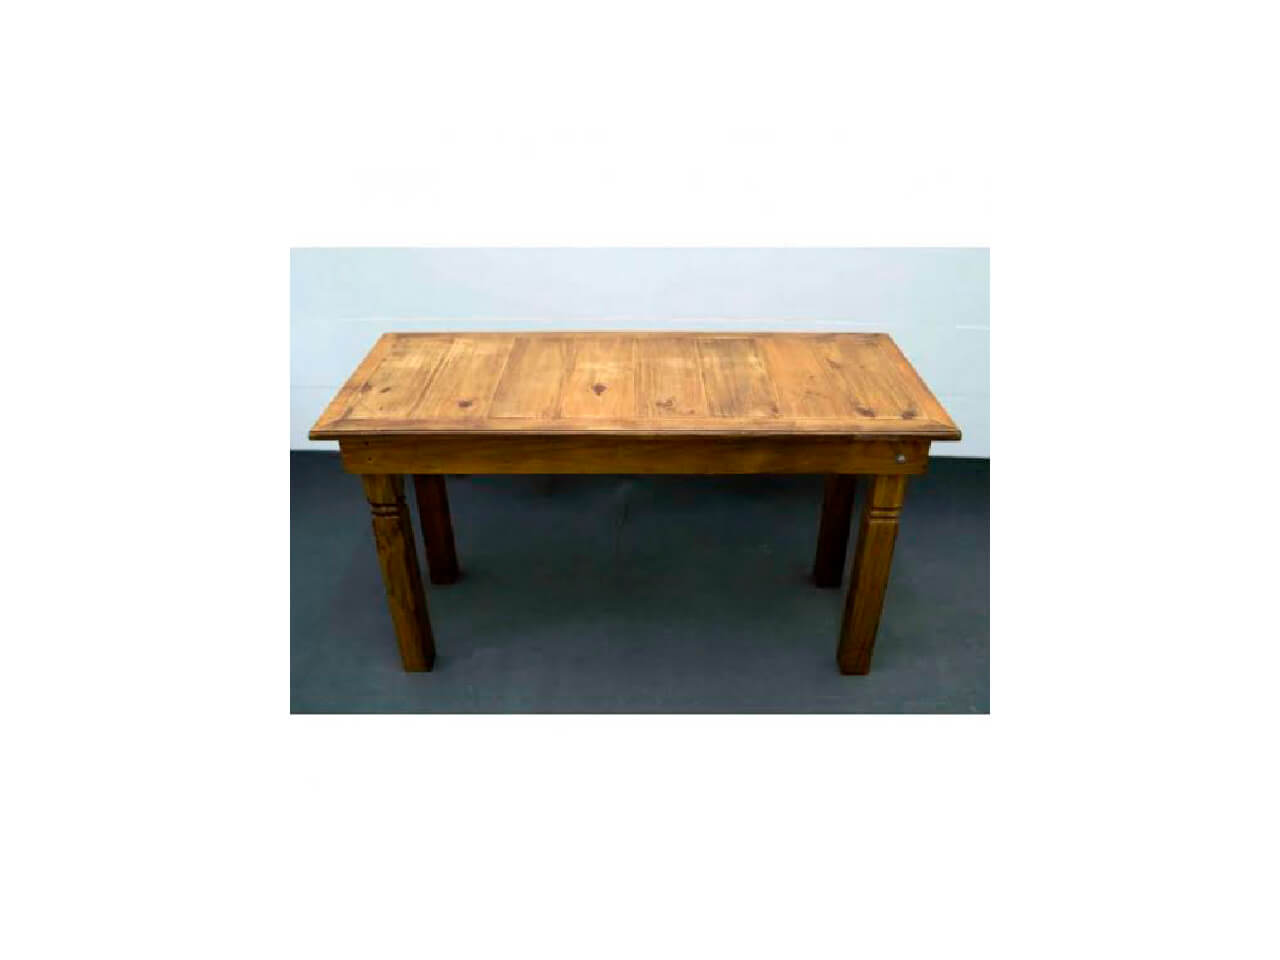 Mesa de madeira rustica 1,70x0,80